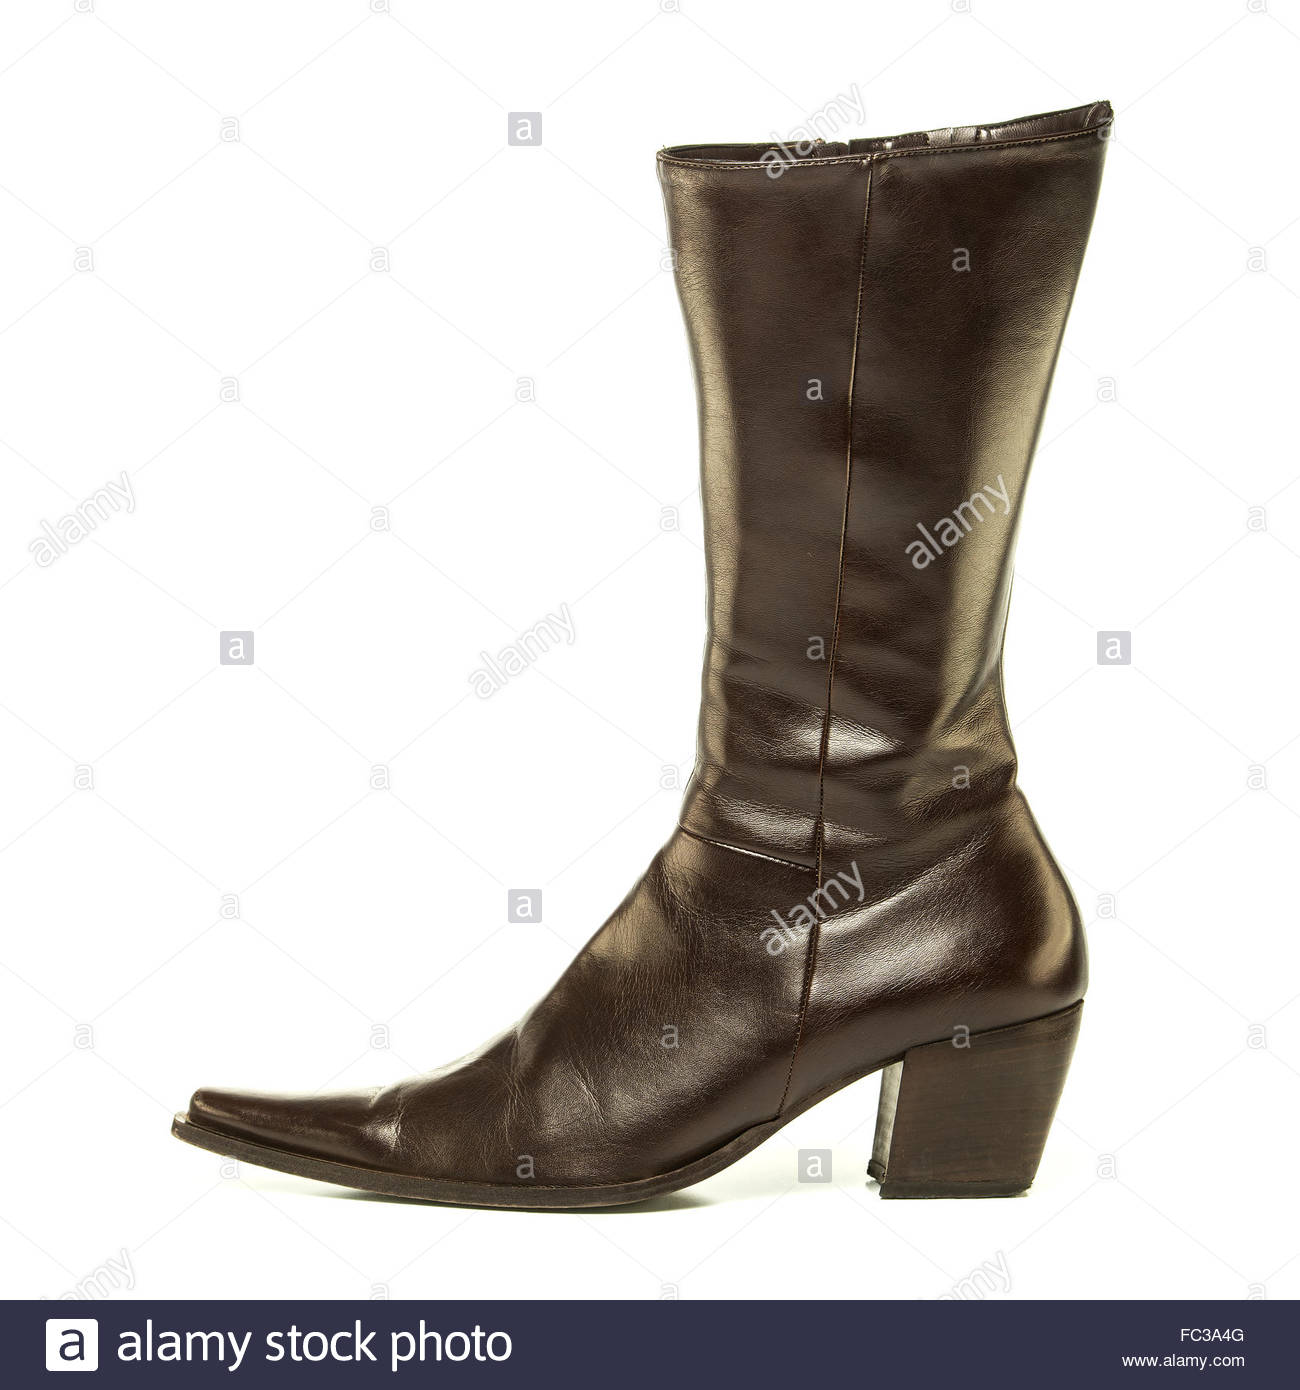 Ausgezeichnet Cowboy Boot Färbung Seite Ideen - Beispiel ...